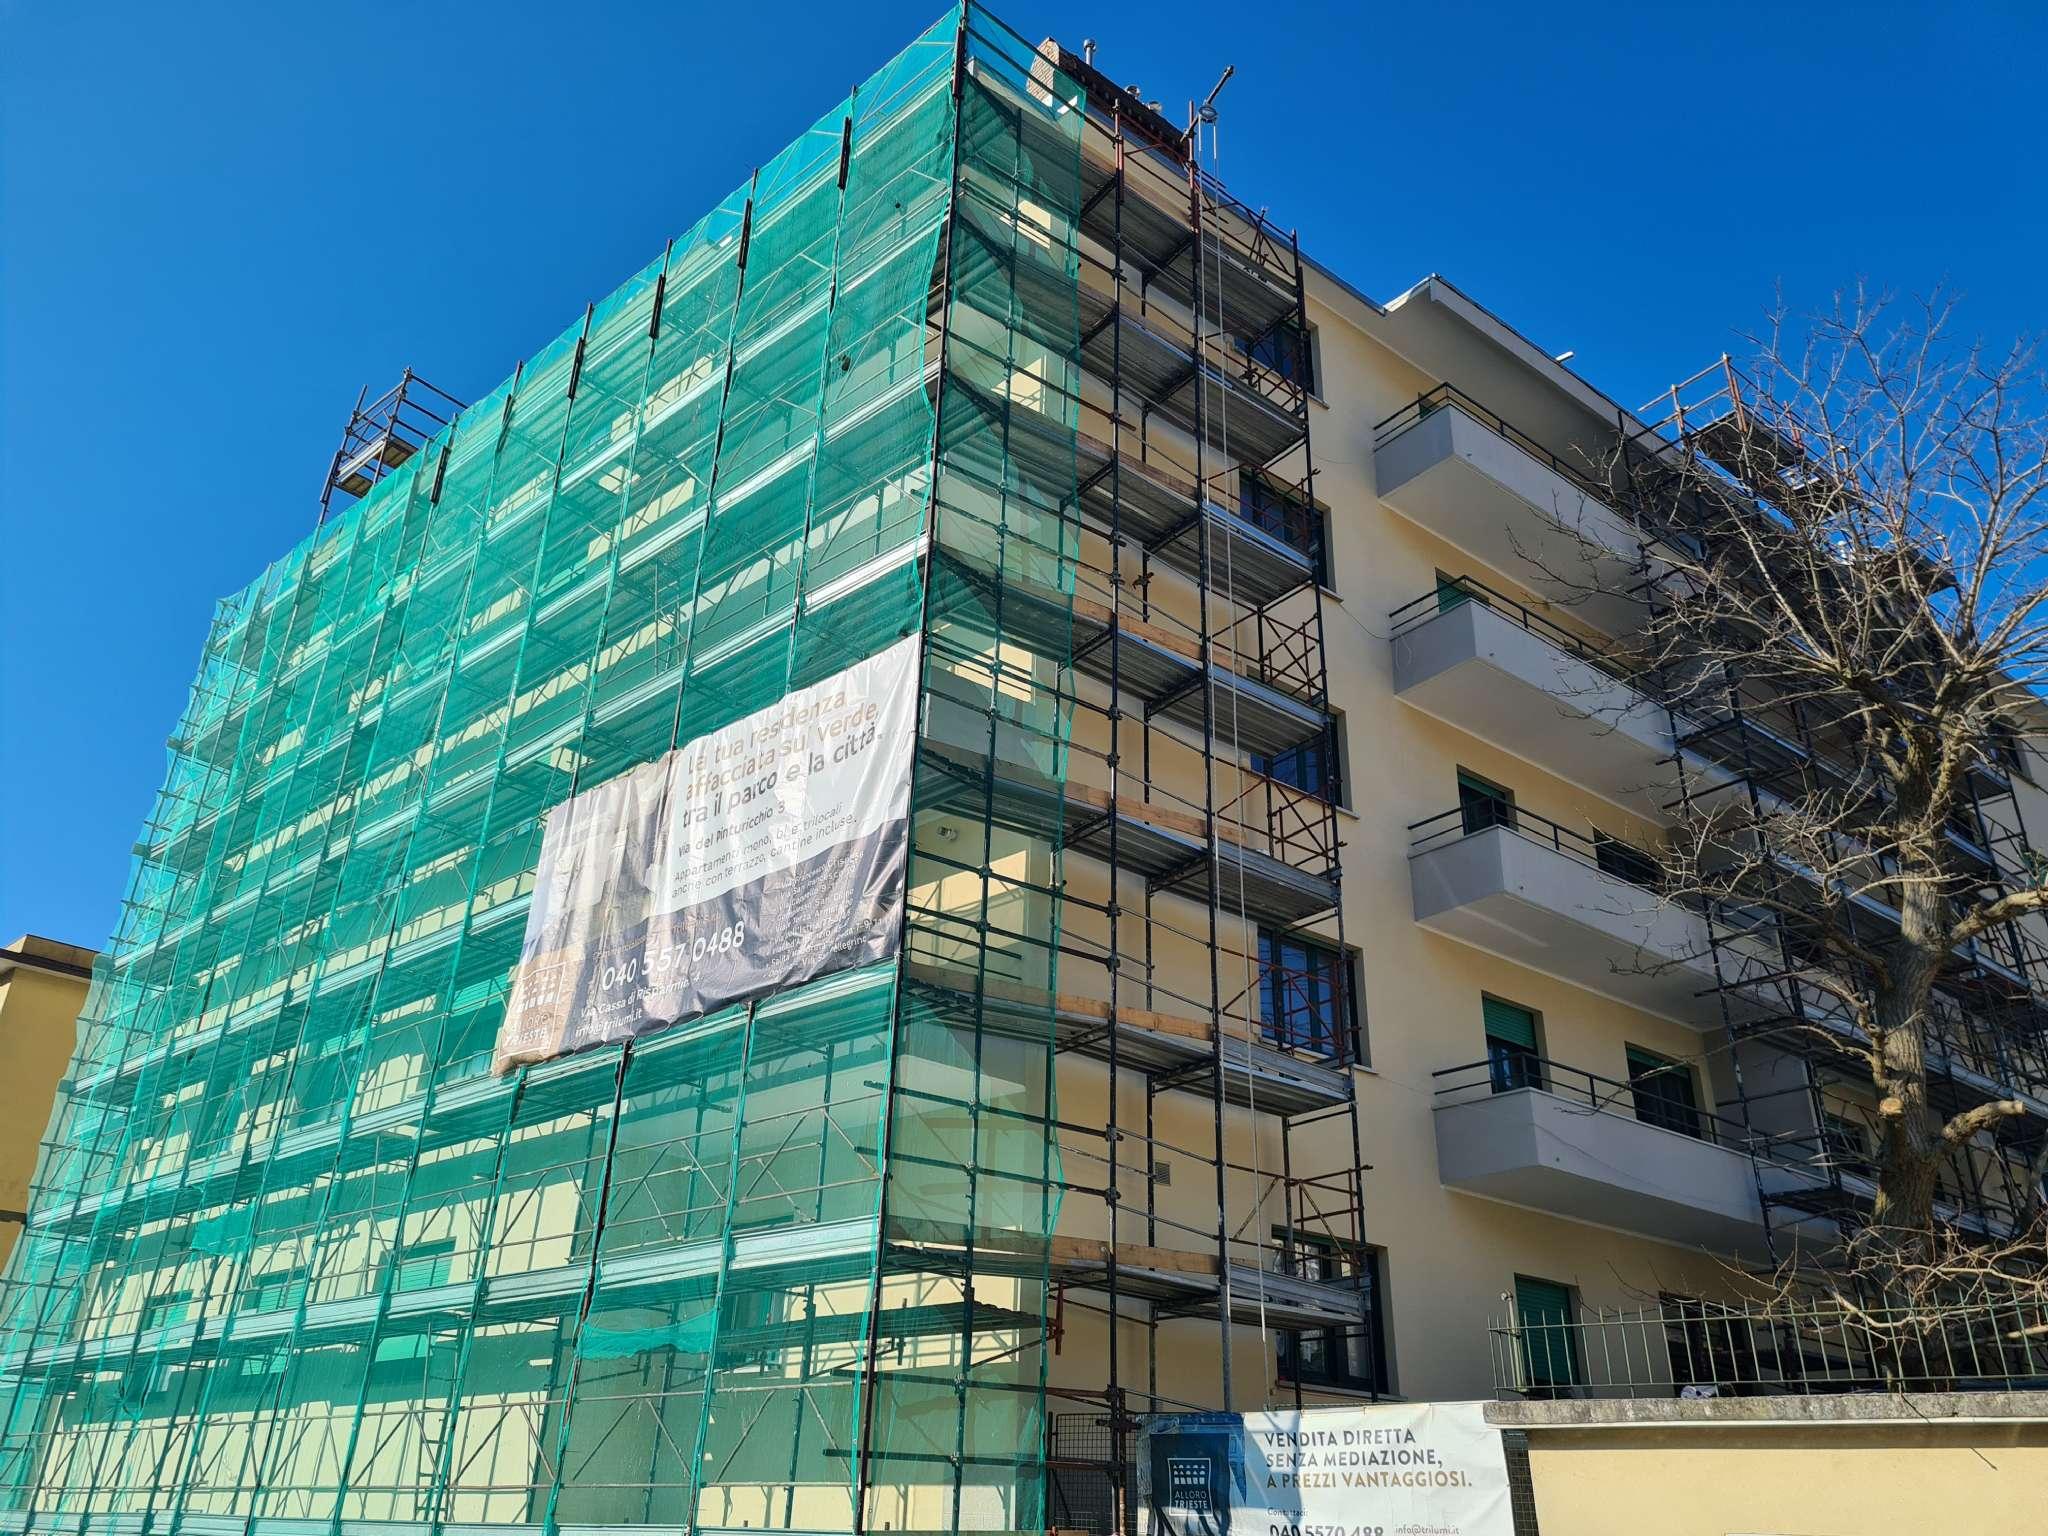 Appartamento in vendita a Trieste, 2 locali, prezzo € 69.000 | PortaleAgenzieImmobiliari.it